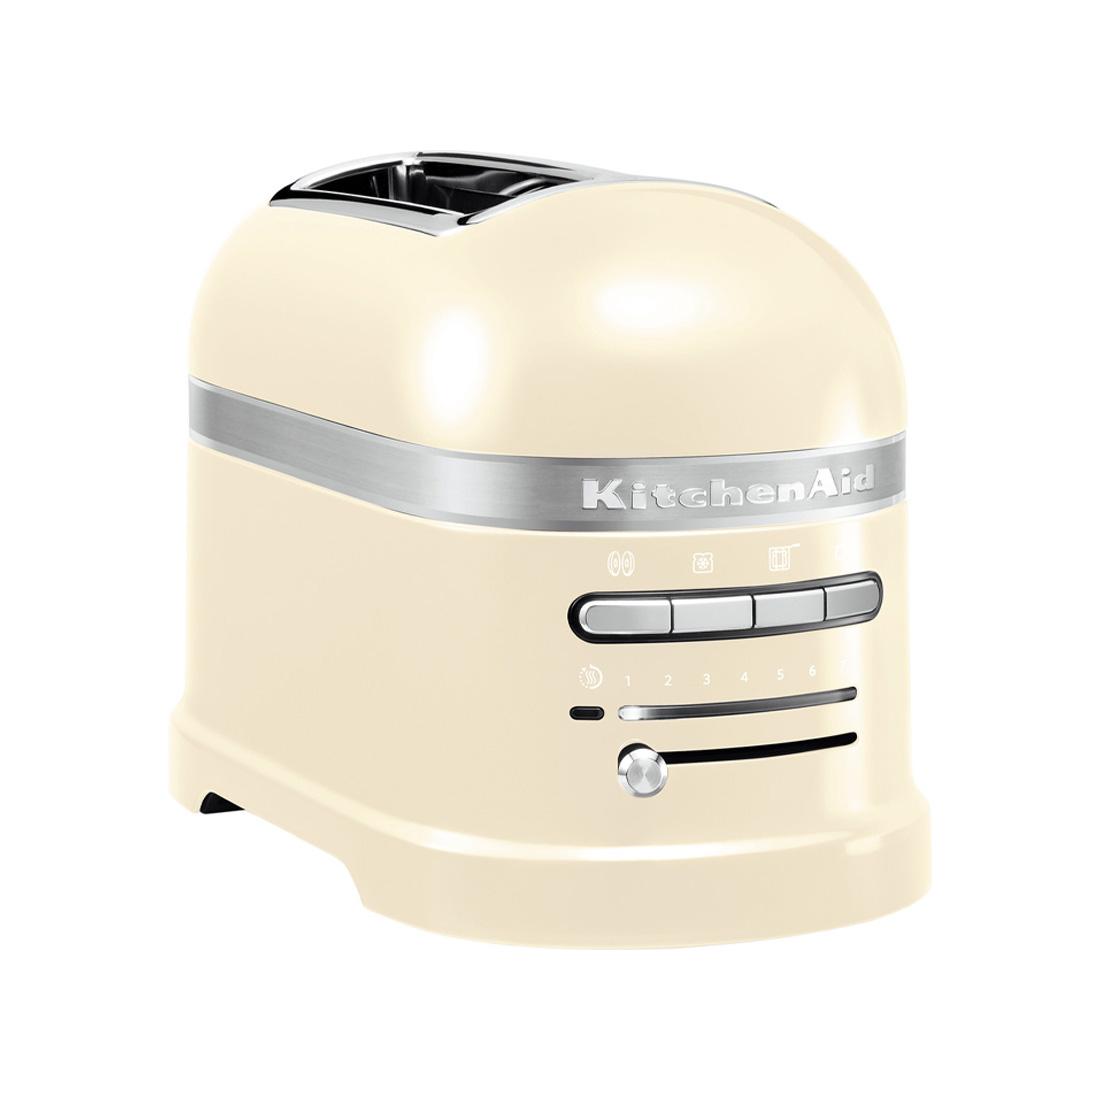 KITCHENAID ARTISAN 2 SLICE TOASTER - almond cream